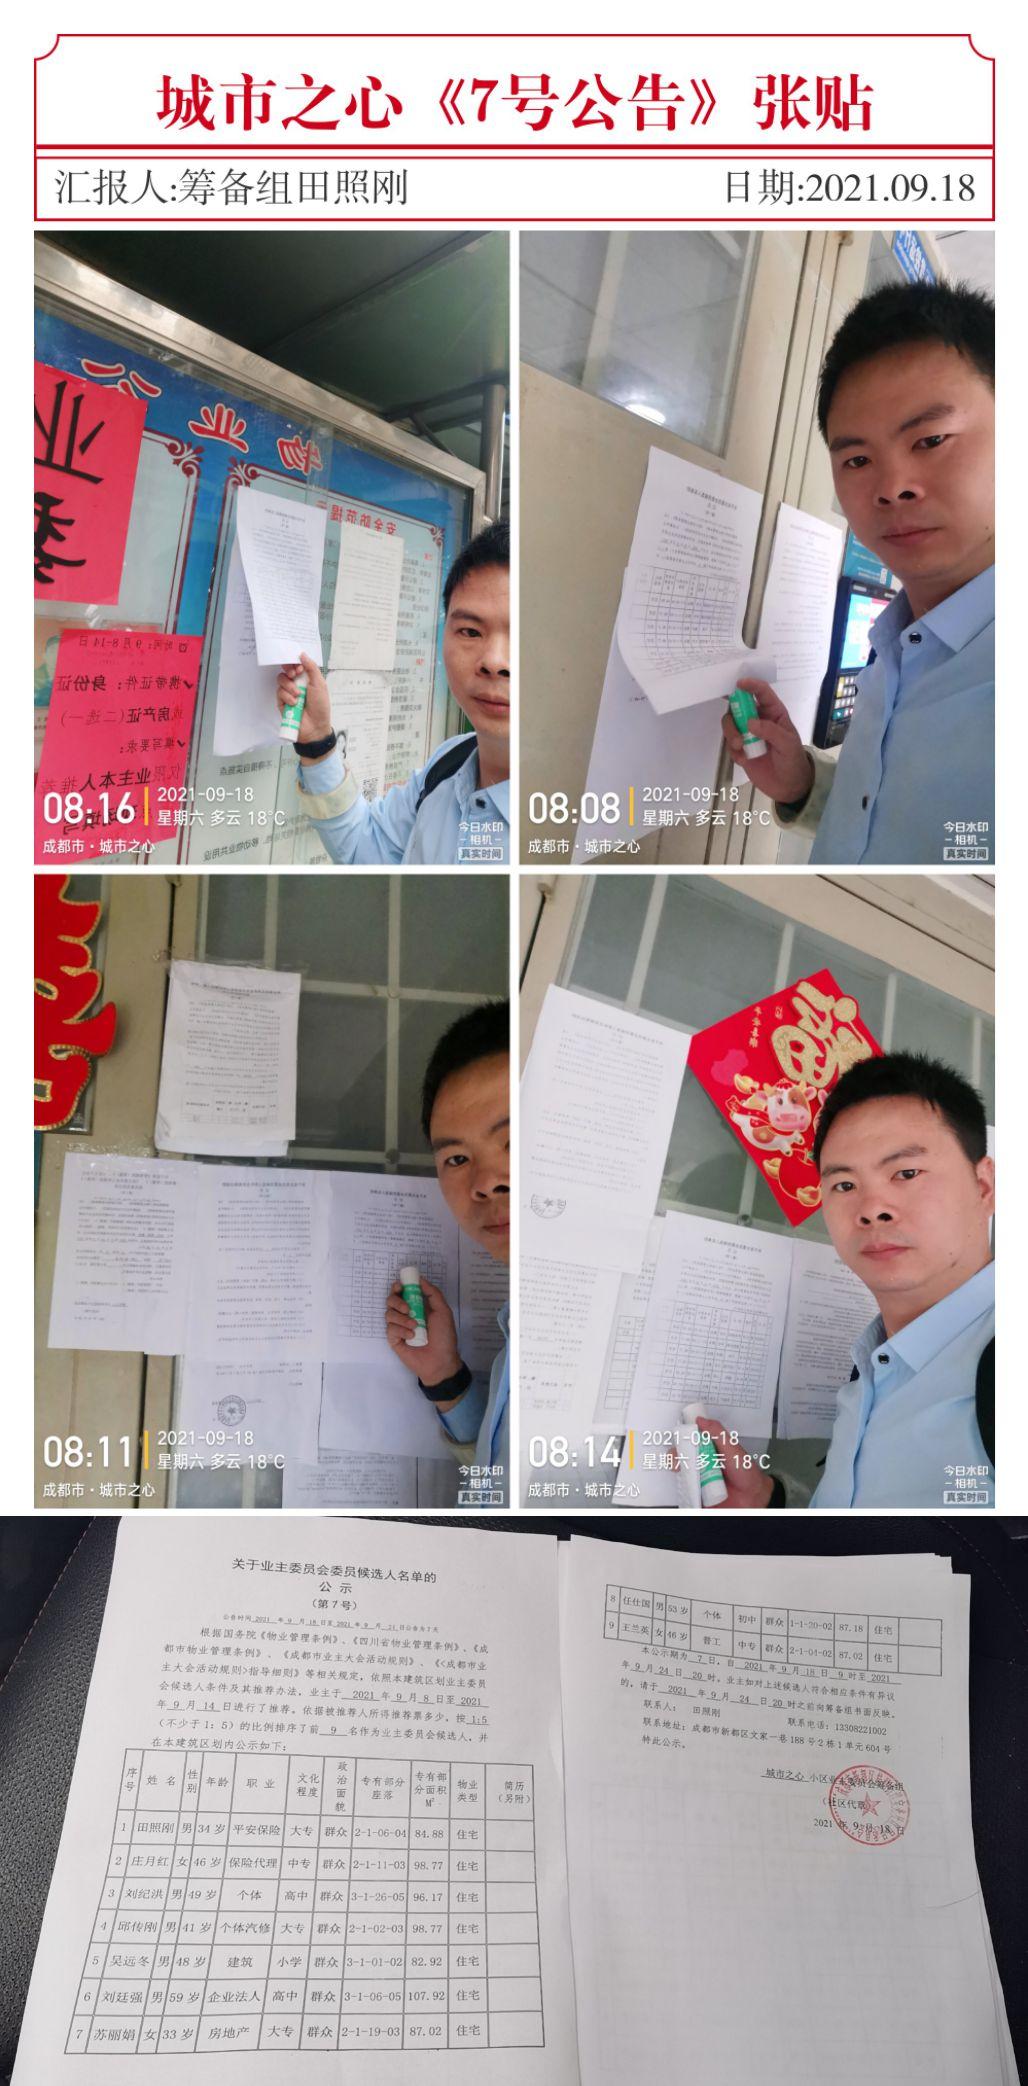 【业委会】2021.9.18宝光社区公告(第7号)公示7天 新都区业主委员会-第2张